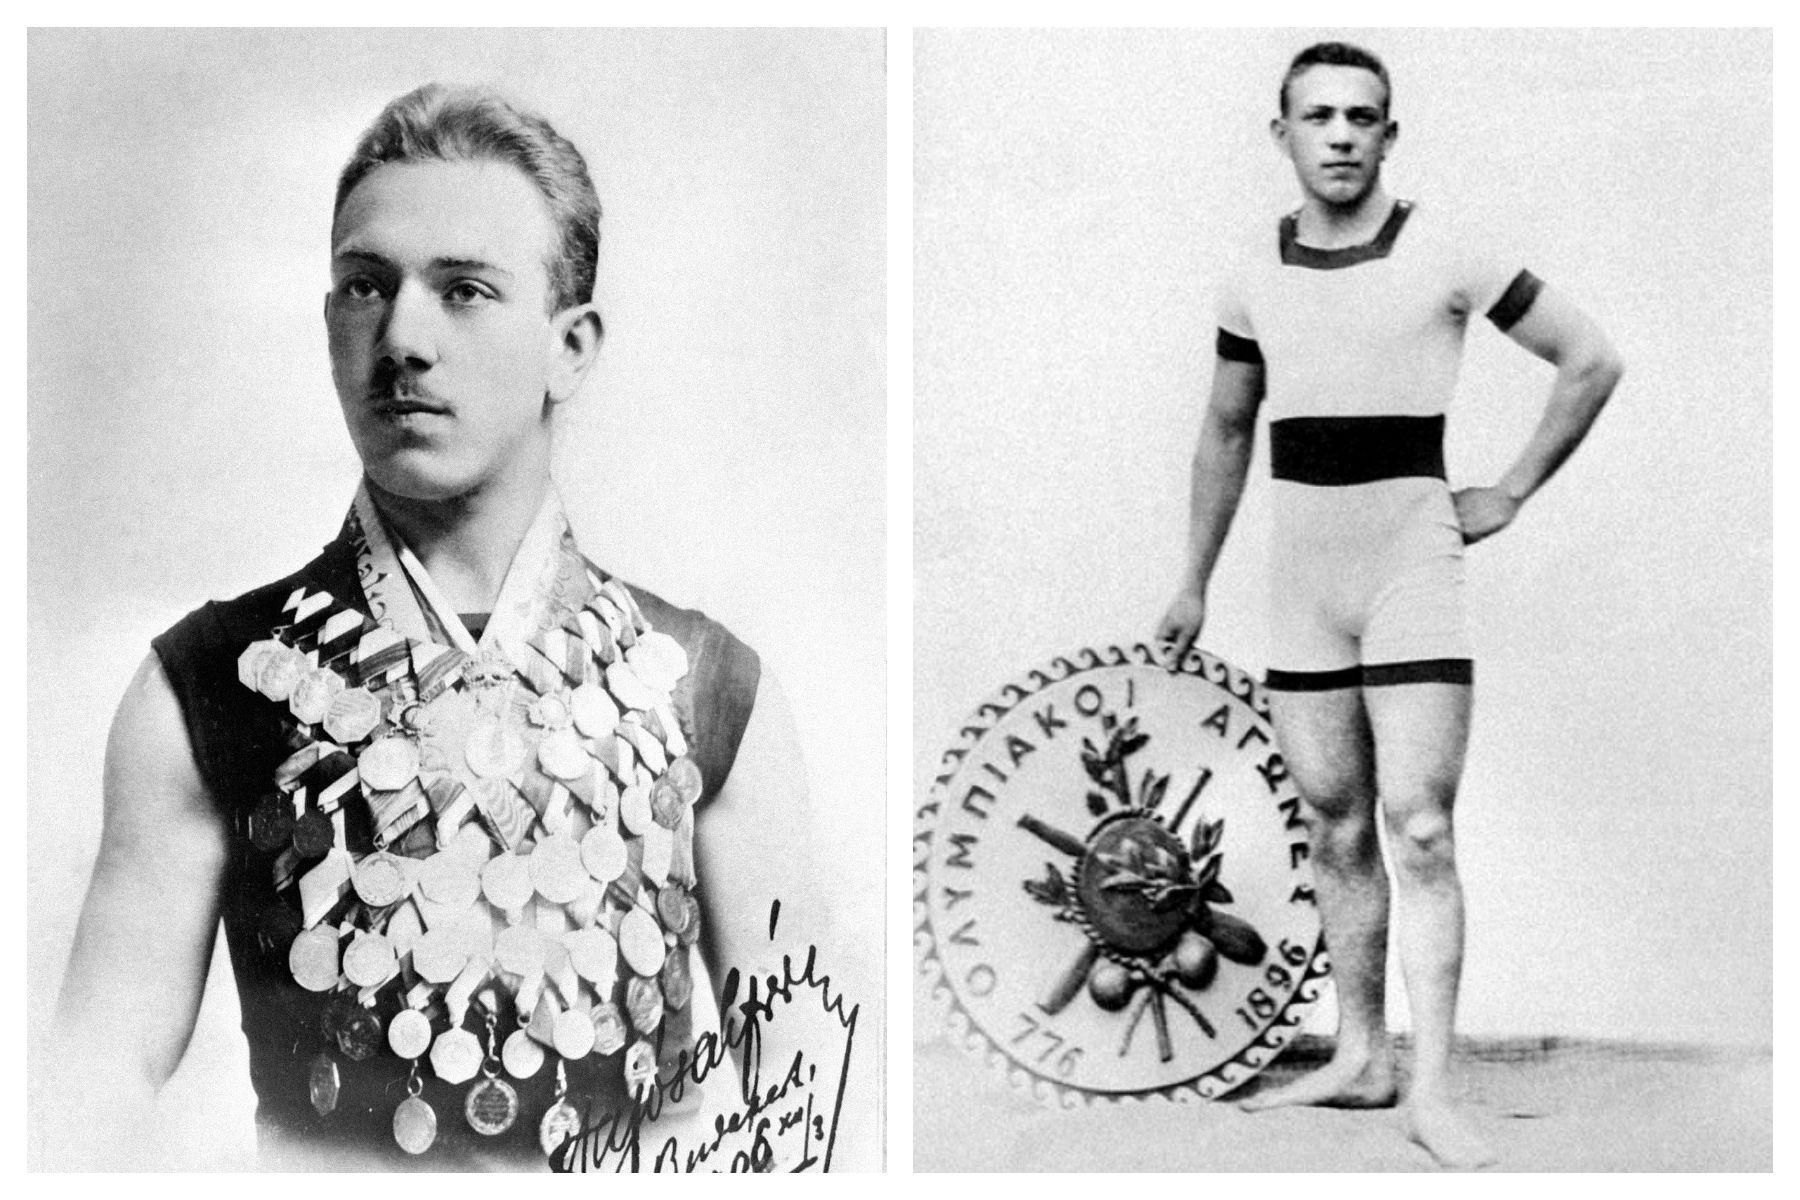 Hajós Alfréd igazi polihisztor volt a sportok terén (Fotó: Wikipedia)